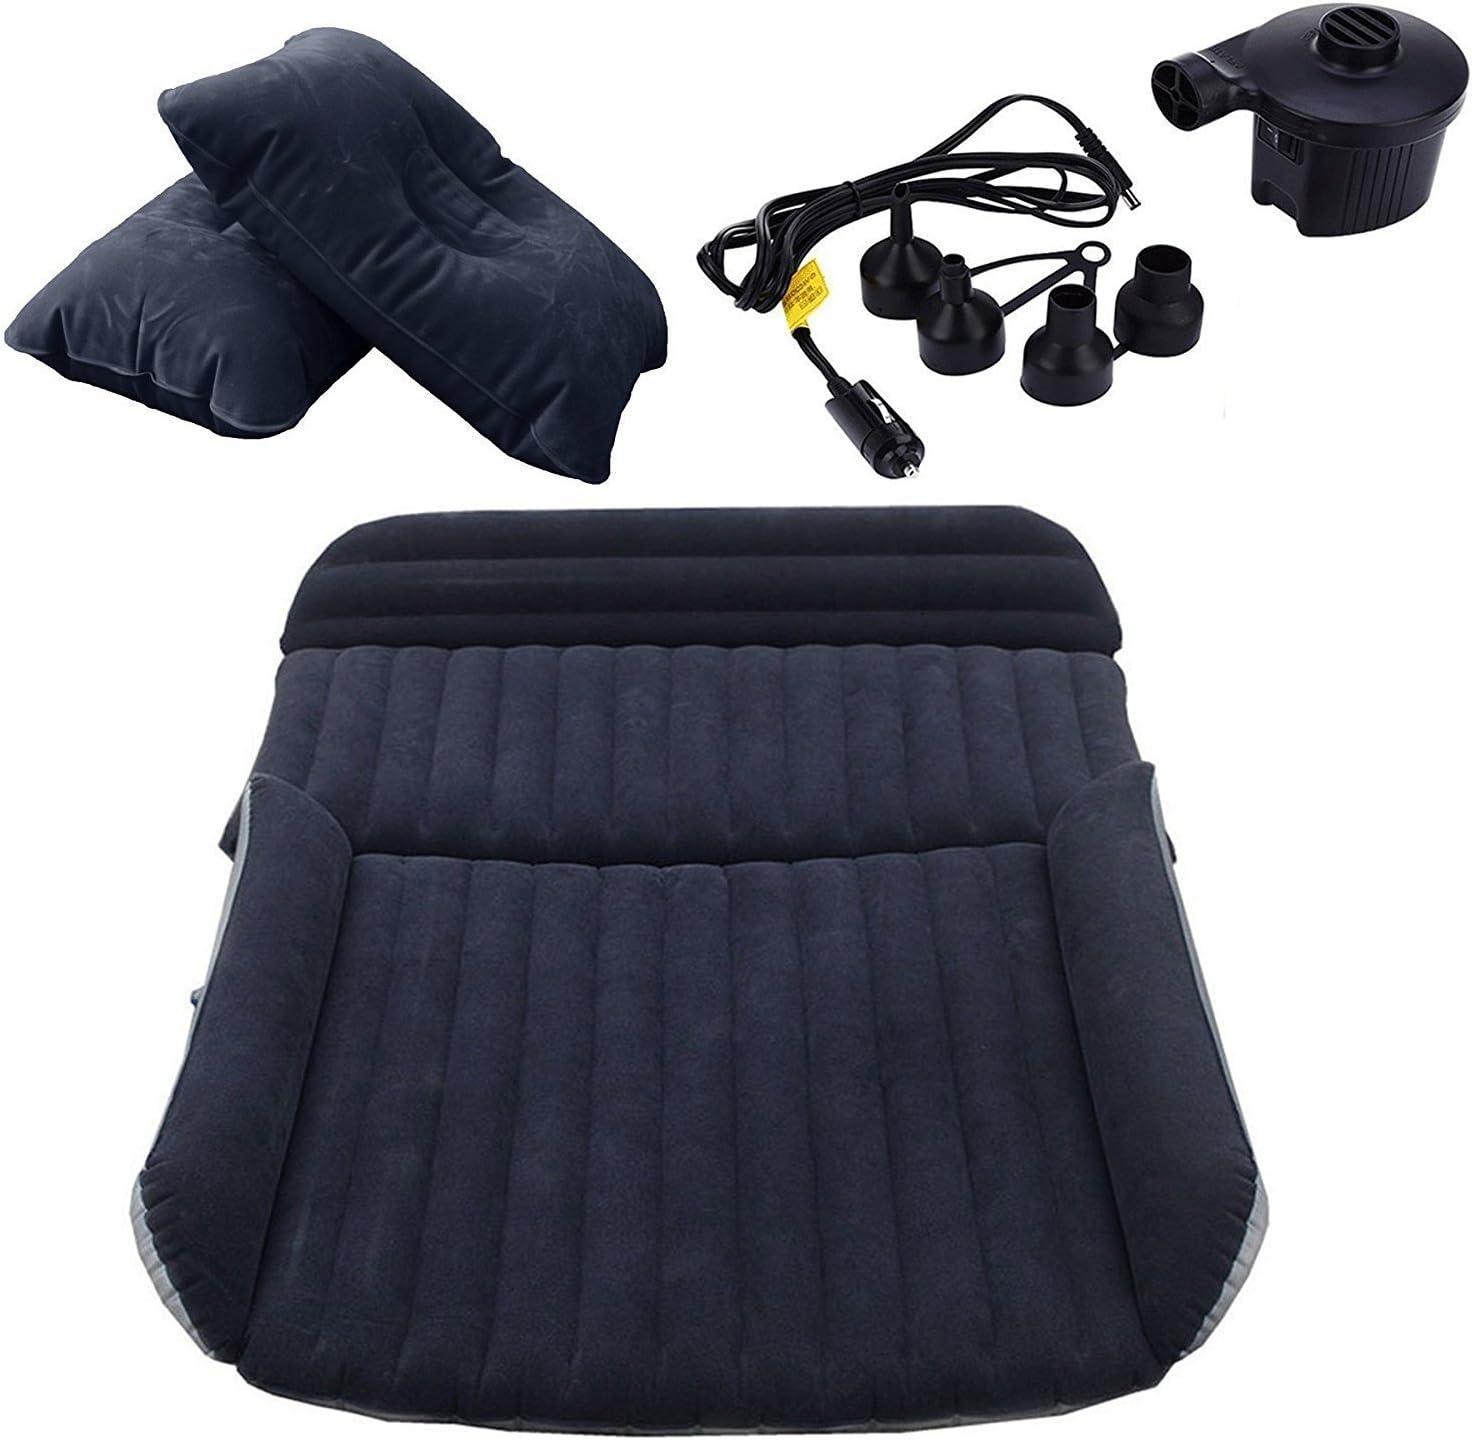 LABABE SUV Auto Coche colchón de Aire Inflable Cama para Asiento Trasero de Coches SUV Camiones y de tamaño Medio de la al Aire Libre Viajes, PVC, SUV Black, Unfold Size: 70.9×50×4.7inches